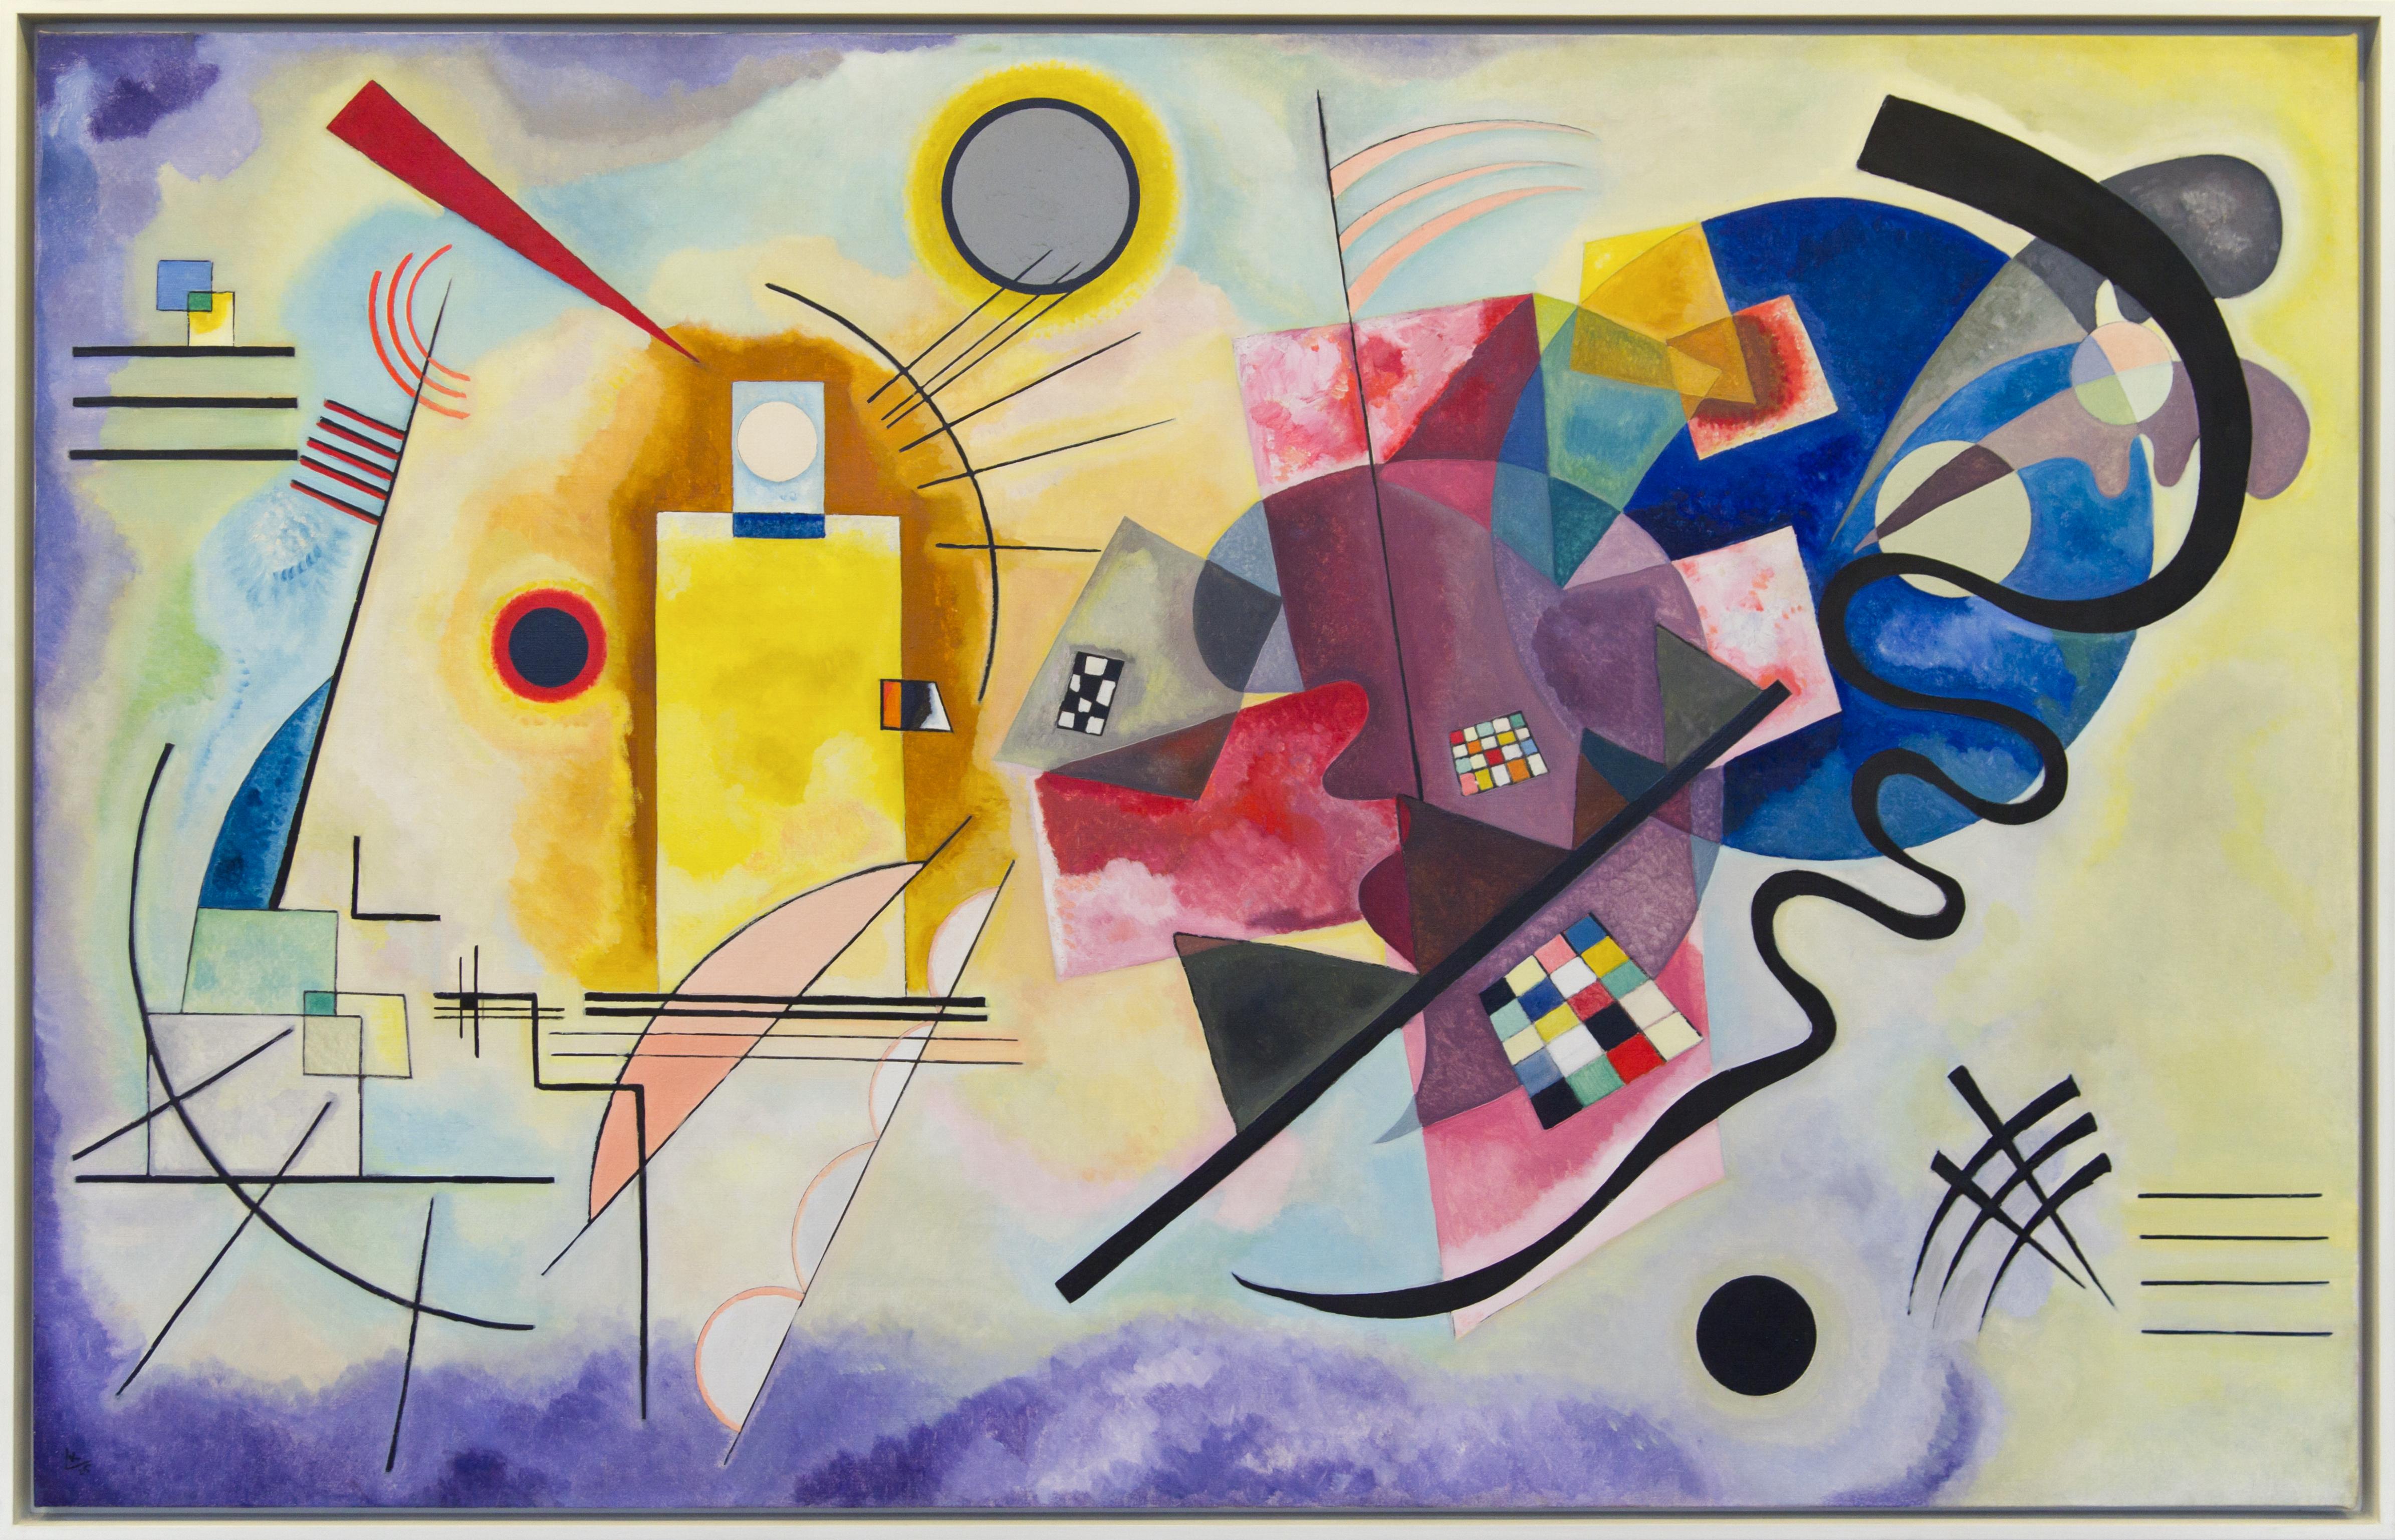 Философия и практика в абстрактной живописи: образ цветка в композиции